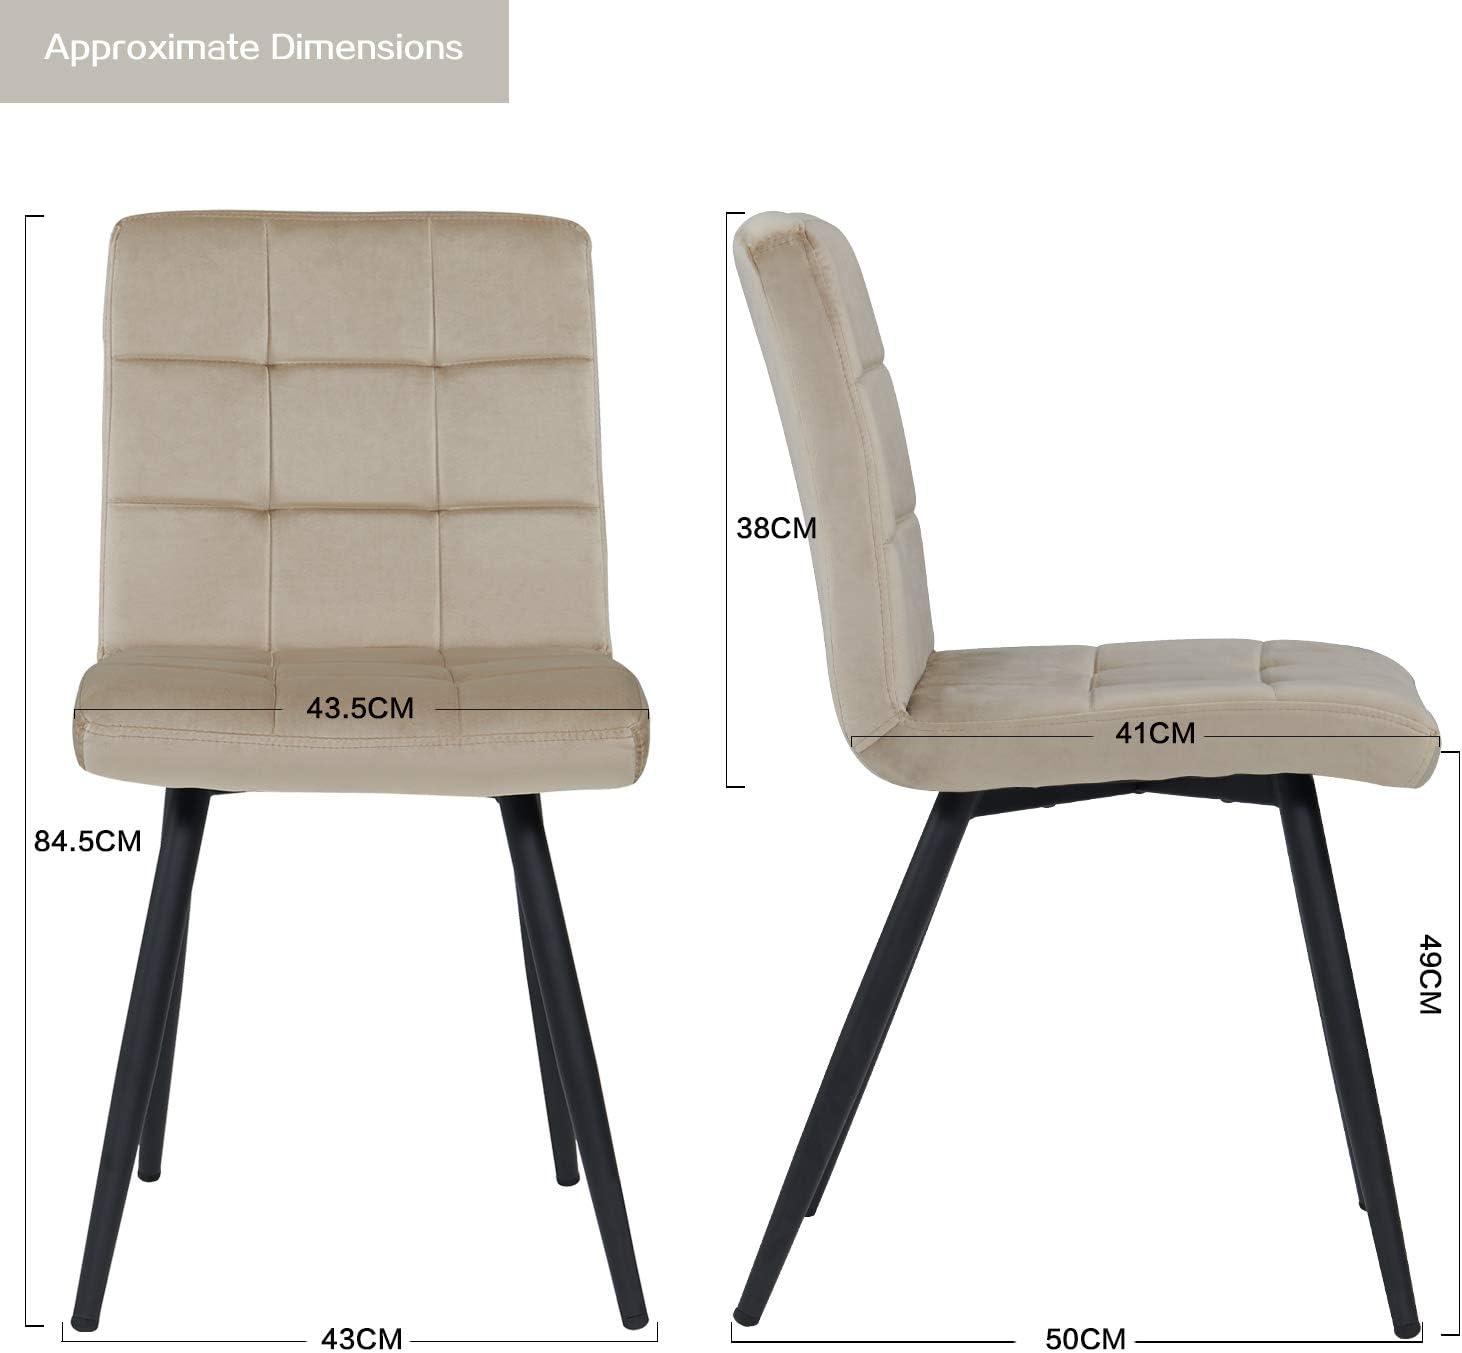 materiale:velluto colore:beige 4x Sedia da sala da pranzo in tessuto velluto sedia imbottita design retro con piedini in metallo vintage selezione colore Duhome 8043B